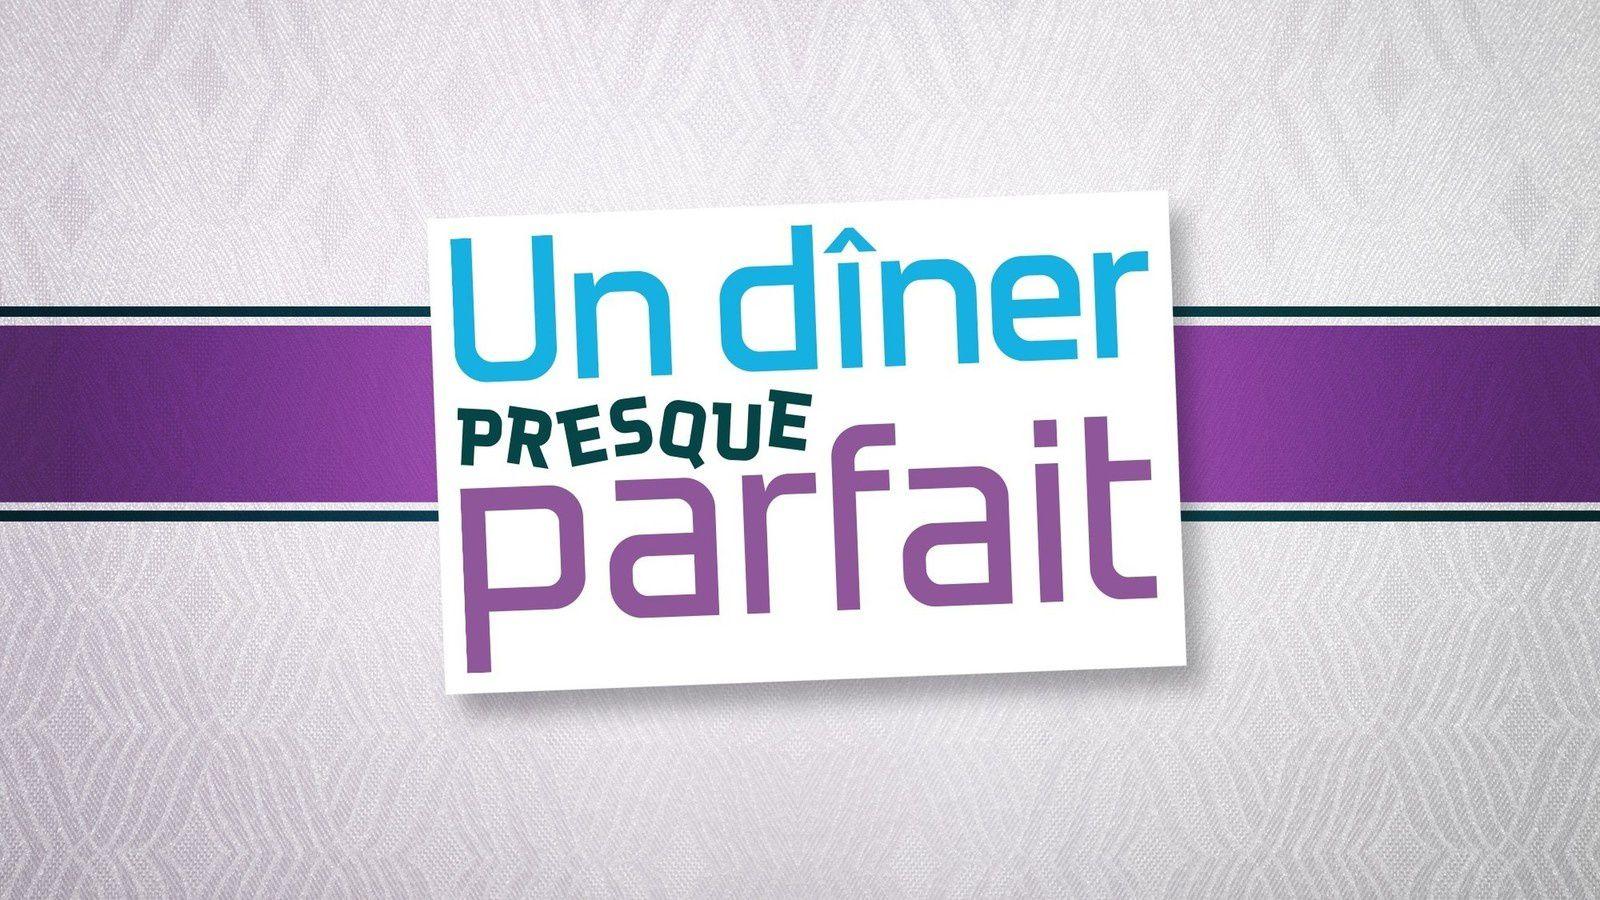 Un dîner presque parfait sur W9, avec Séverine Ferrer, Jean-Pascal Lacoste, Benoît Dubois...